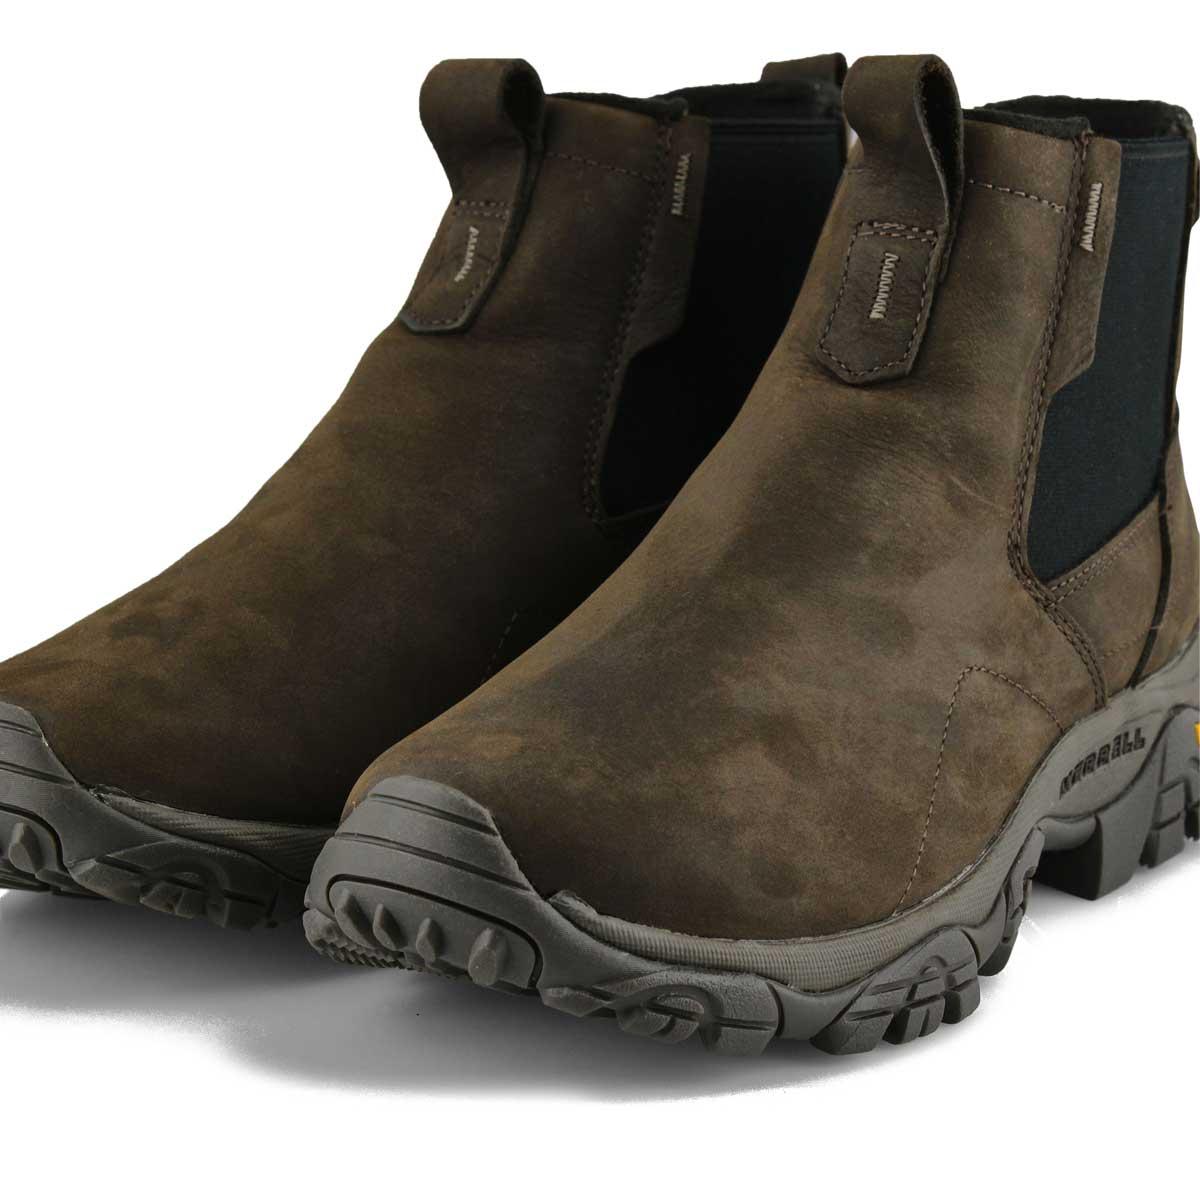 Men's Moab Adventure Chelsea Waterproof Boot